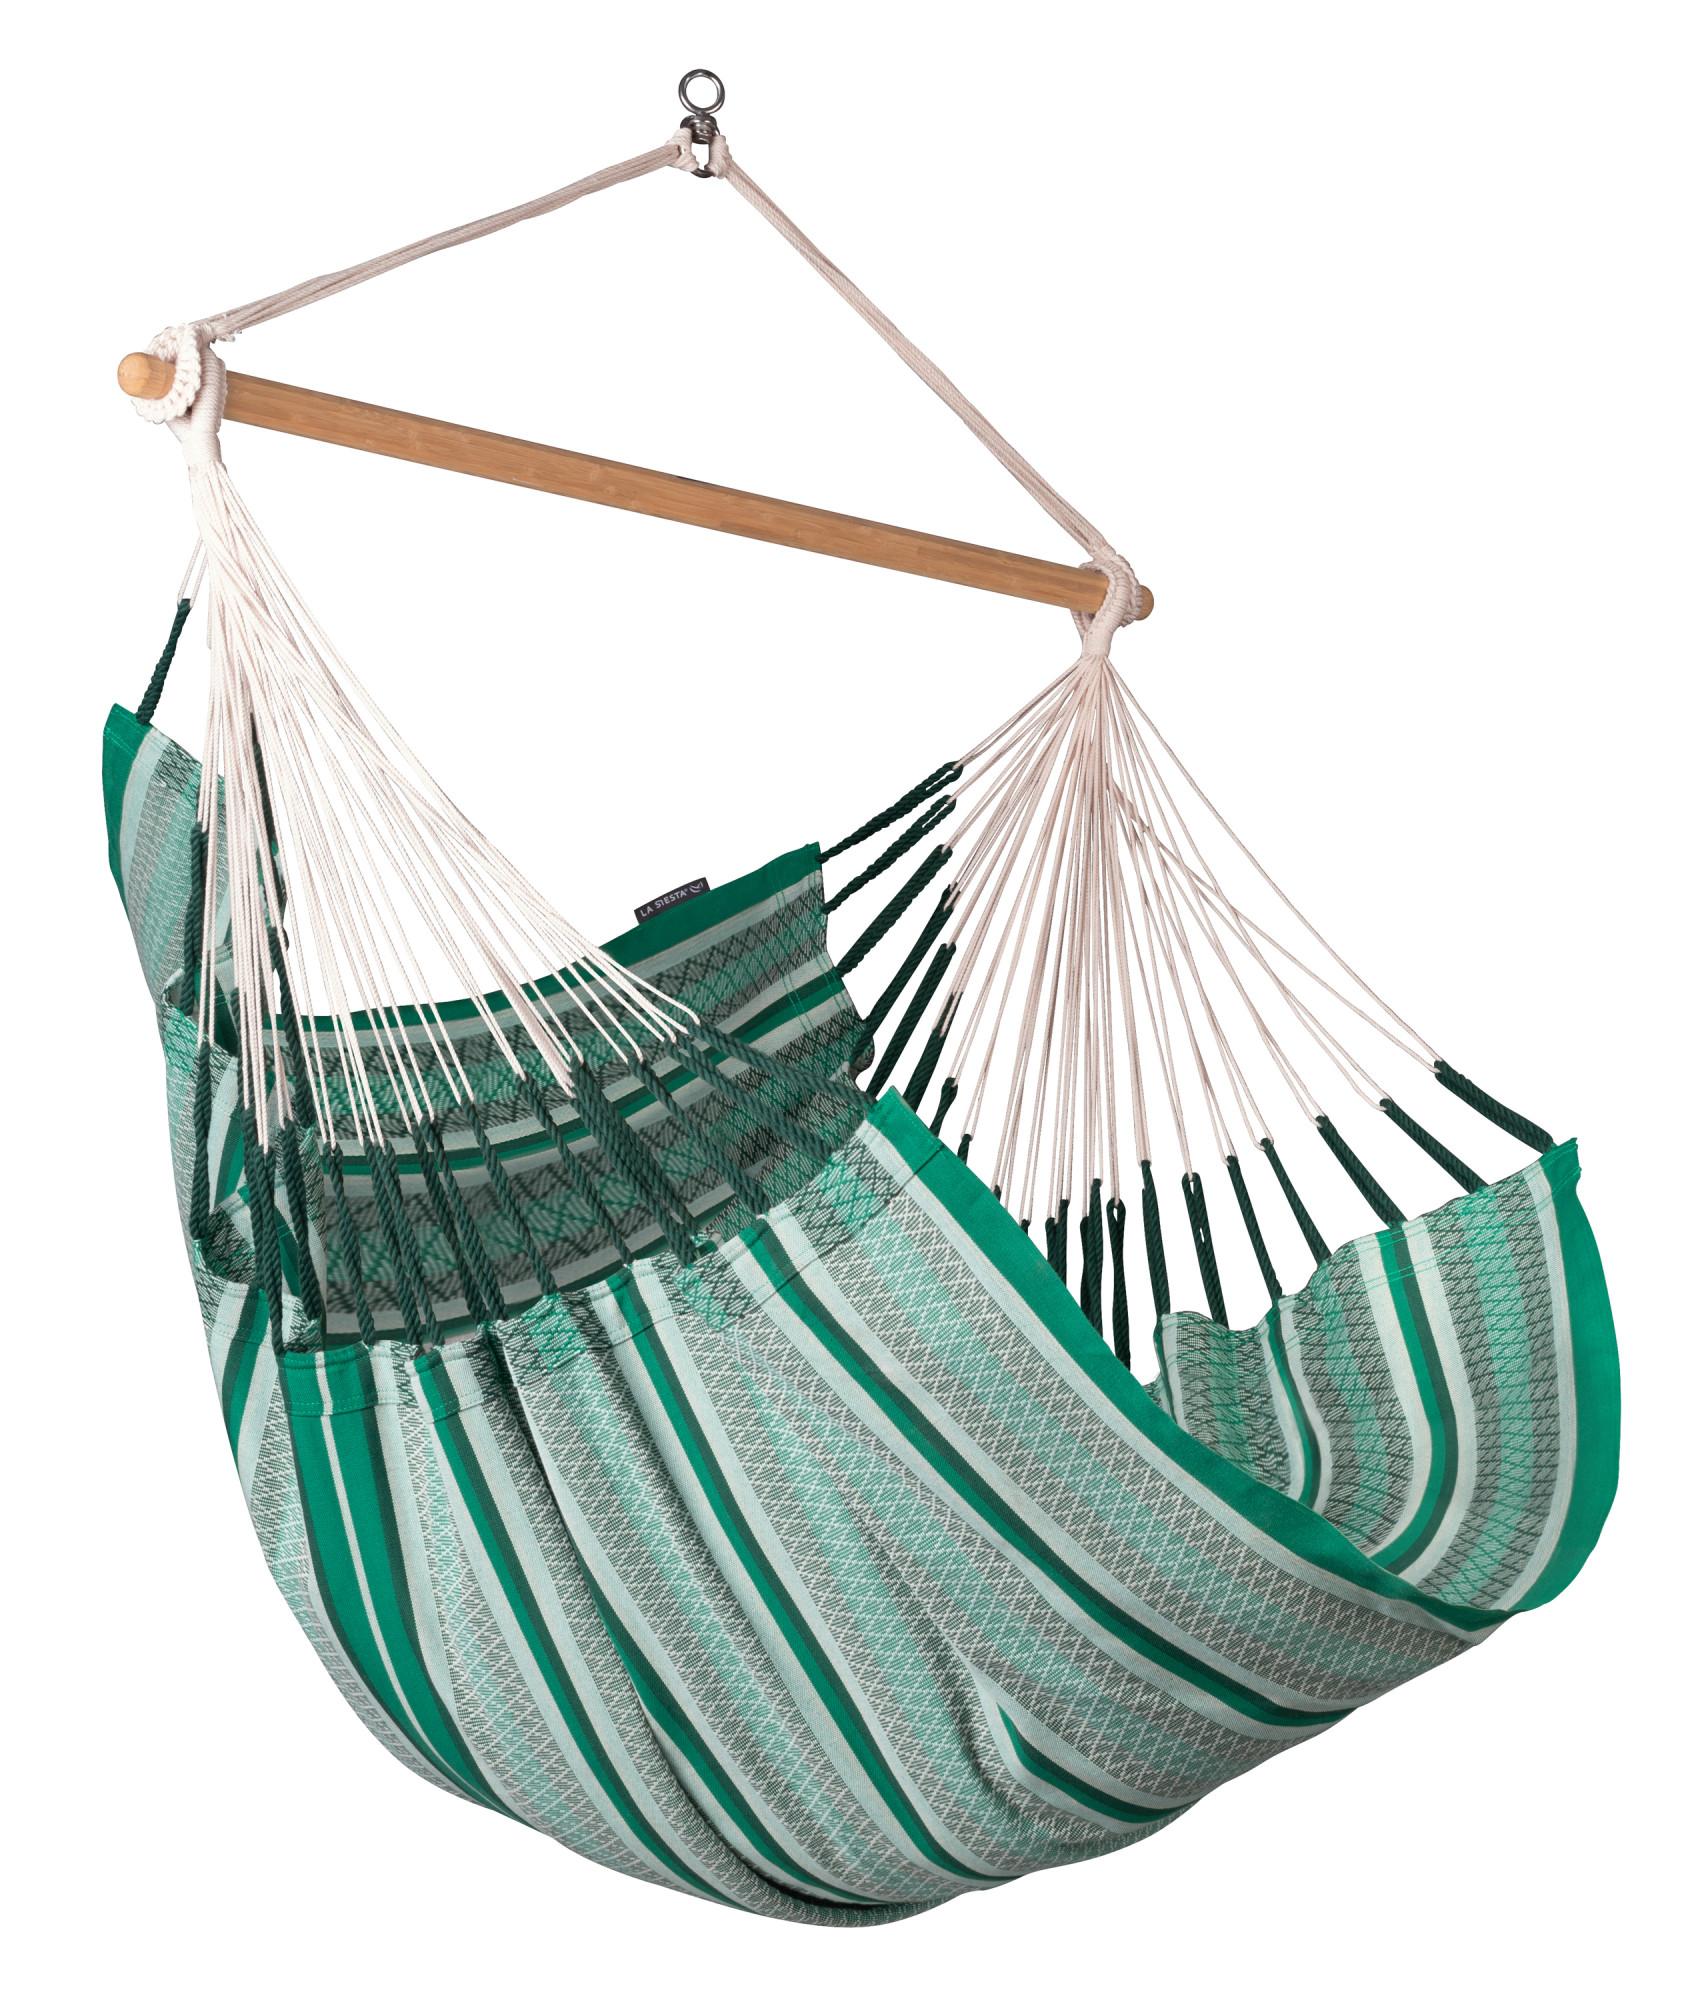 Chaise-hamac comfort en coton bio vert